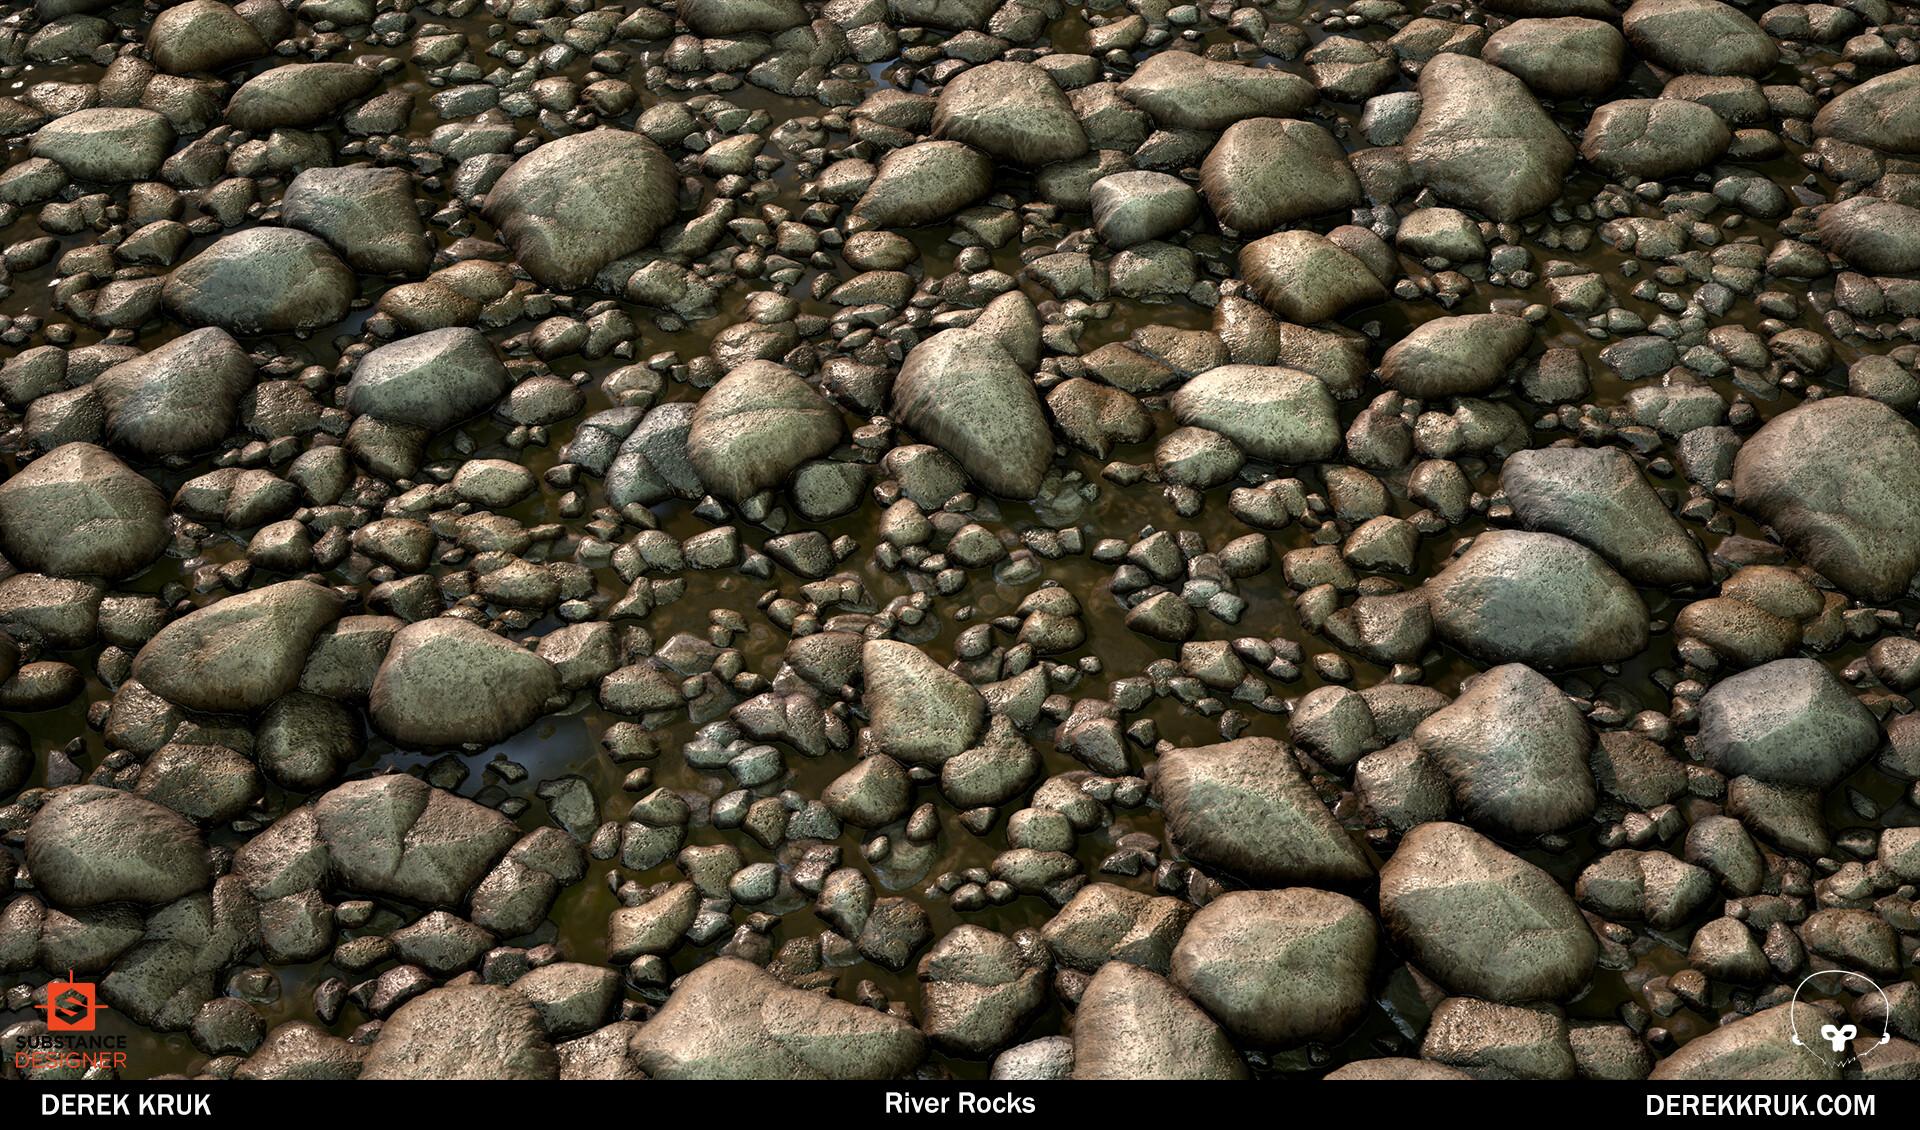 Derek kruk pebble beauty 2